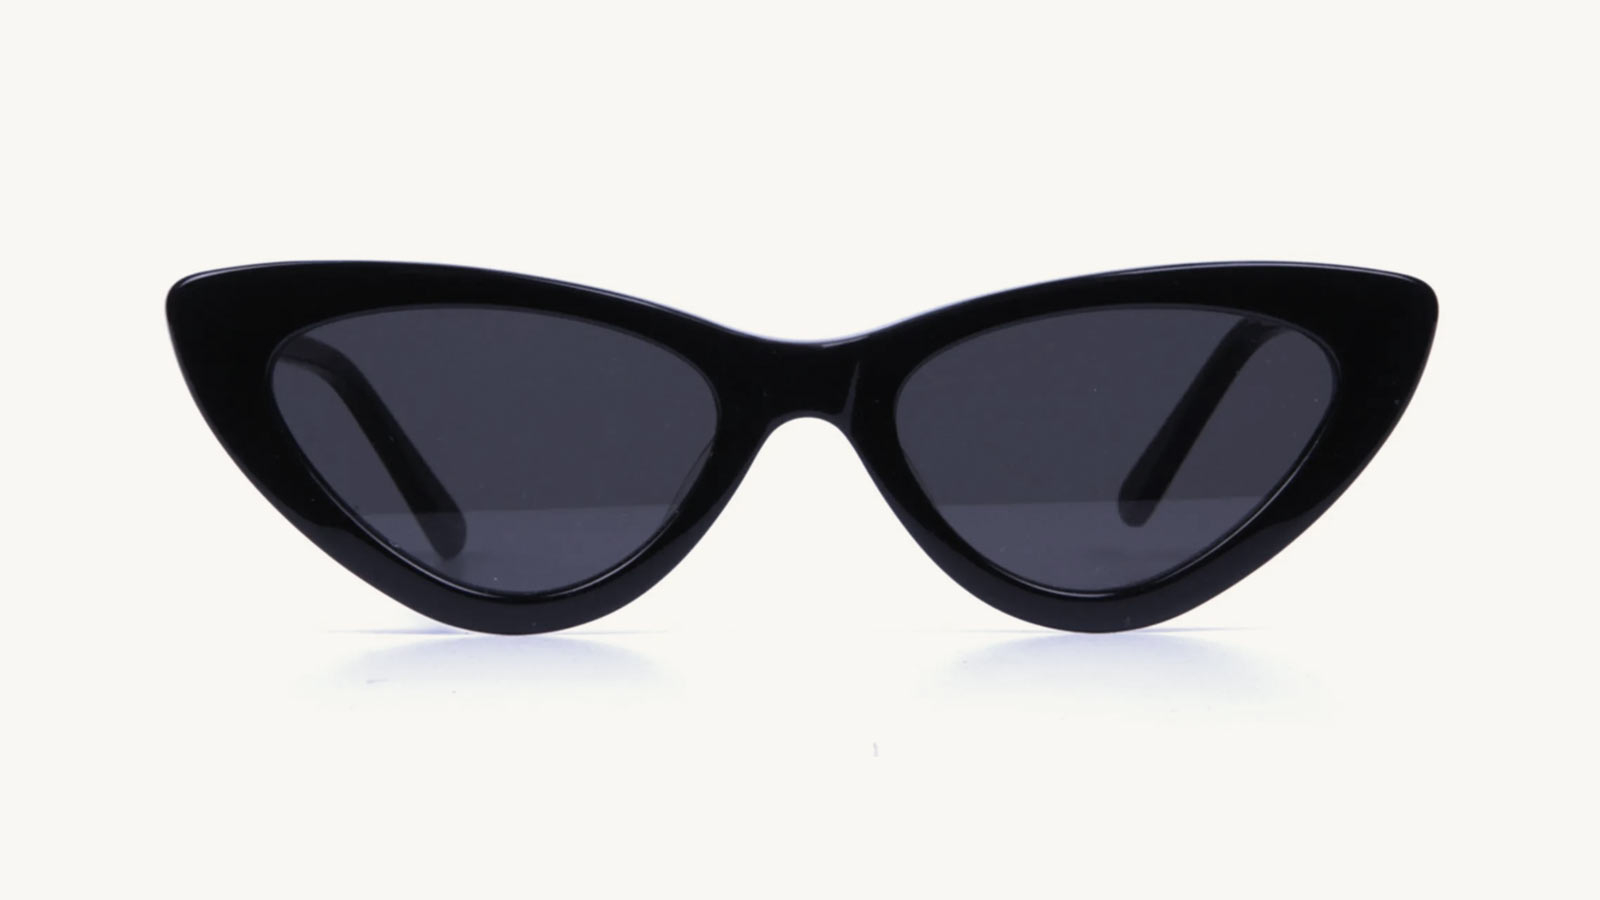 Cat Eye Sunglasses For Travel